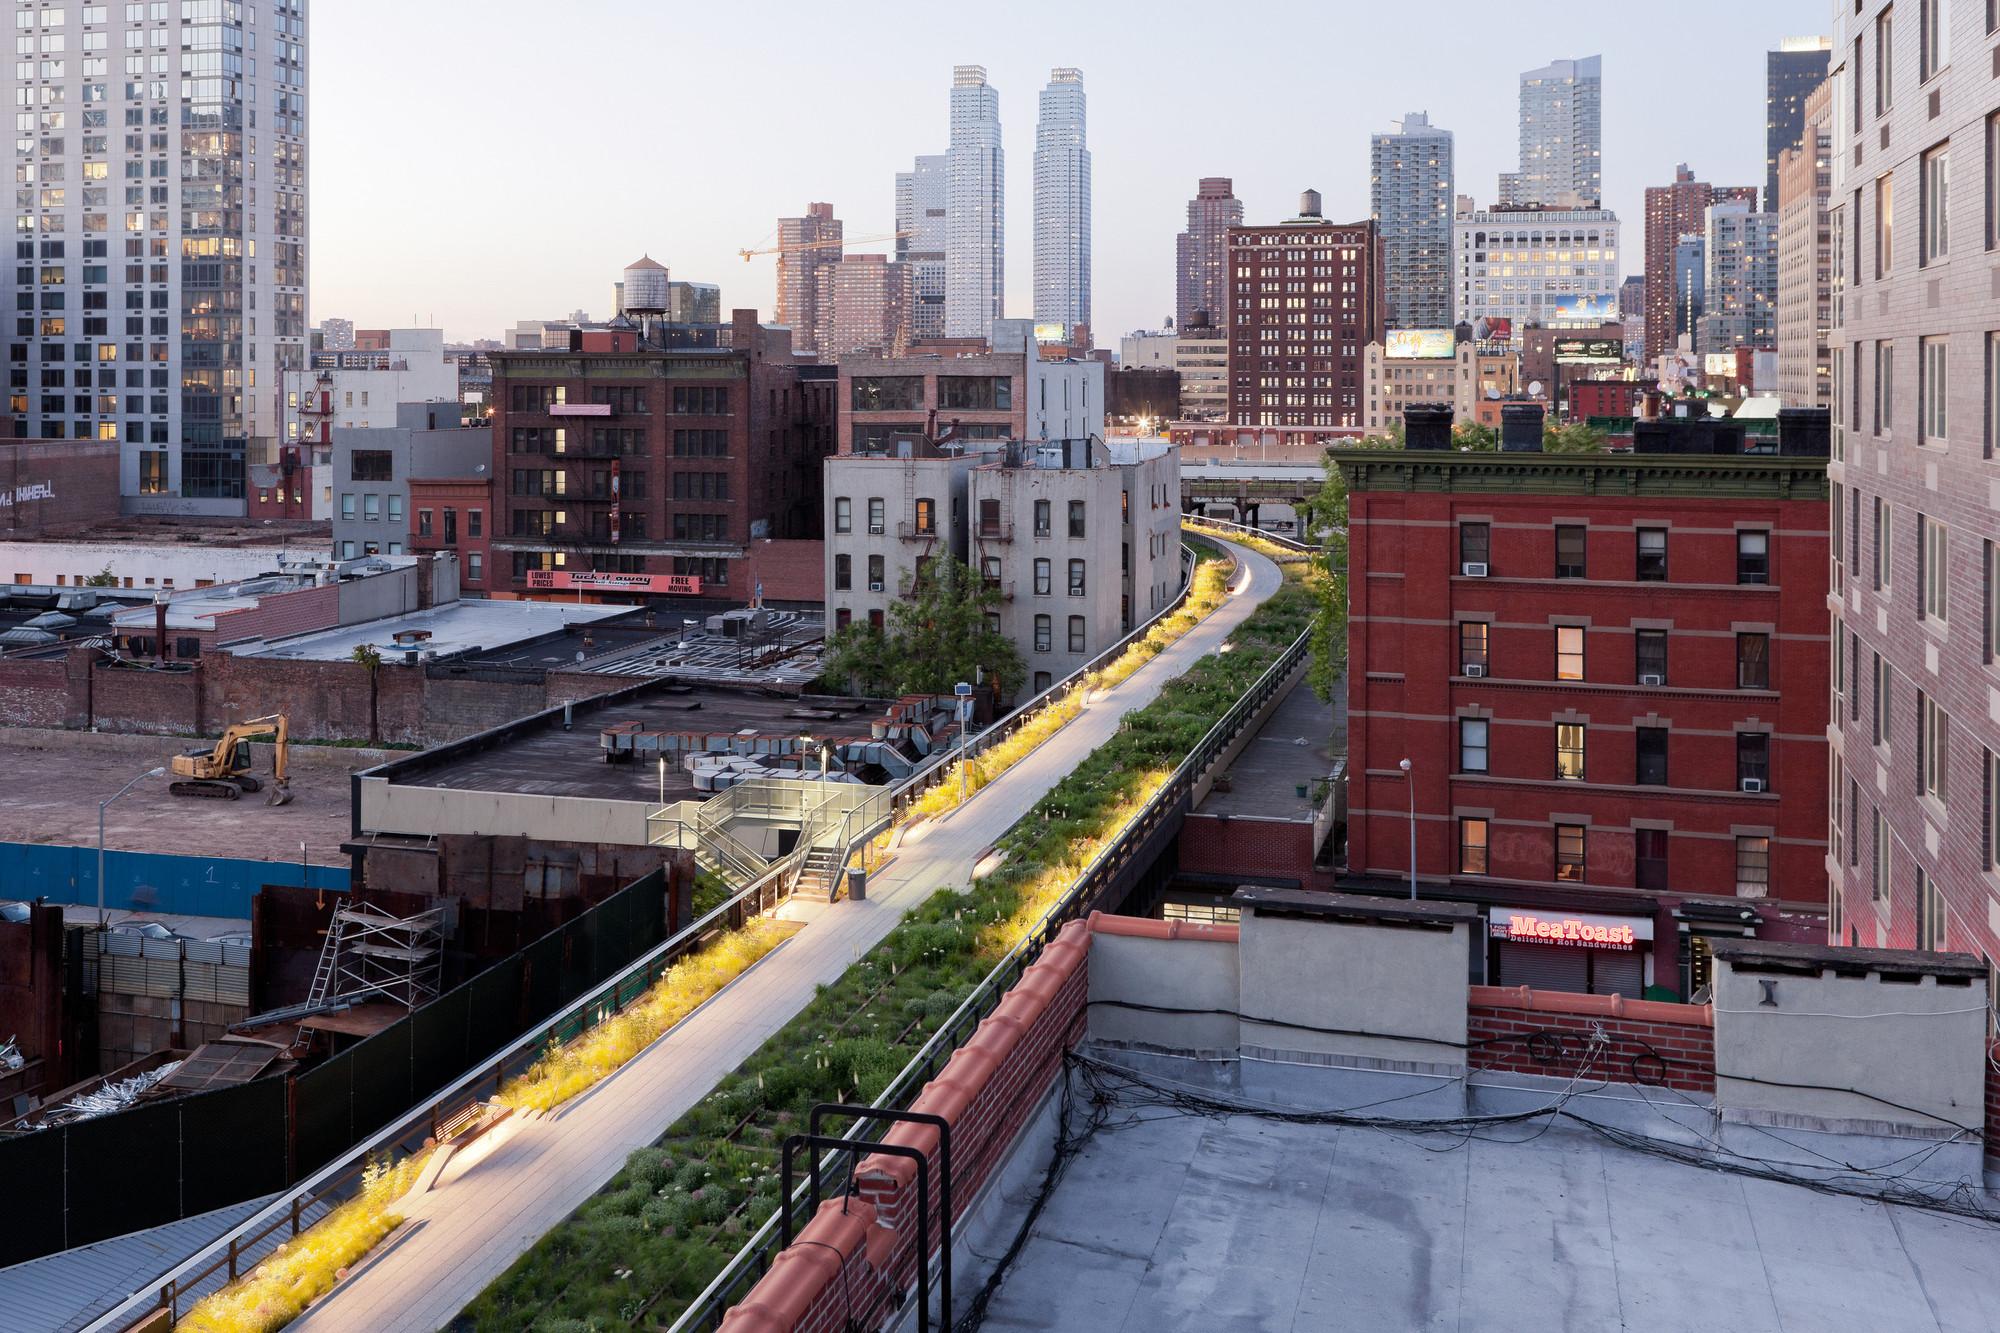 Segunda etapa: Wildflower Field, mirando al norte hacia West 29th Street, donde el High Line comienza una extensa y suave curva hacia el río Hudson. Image © Iwan Baan, 2011